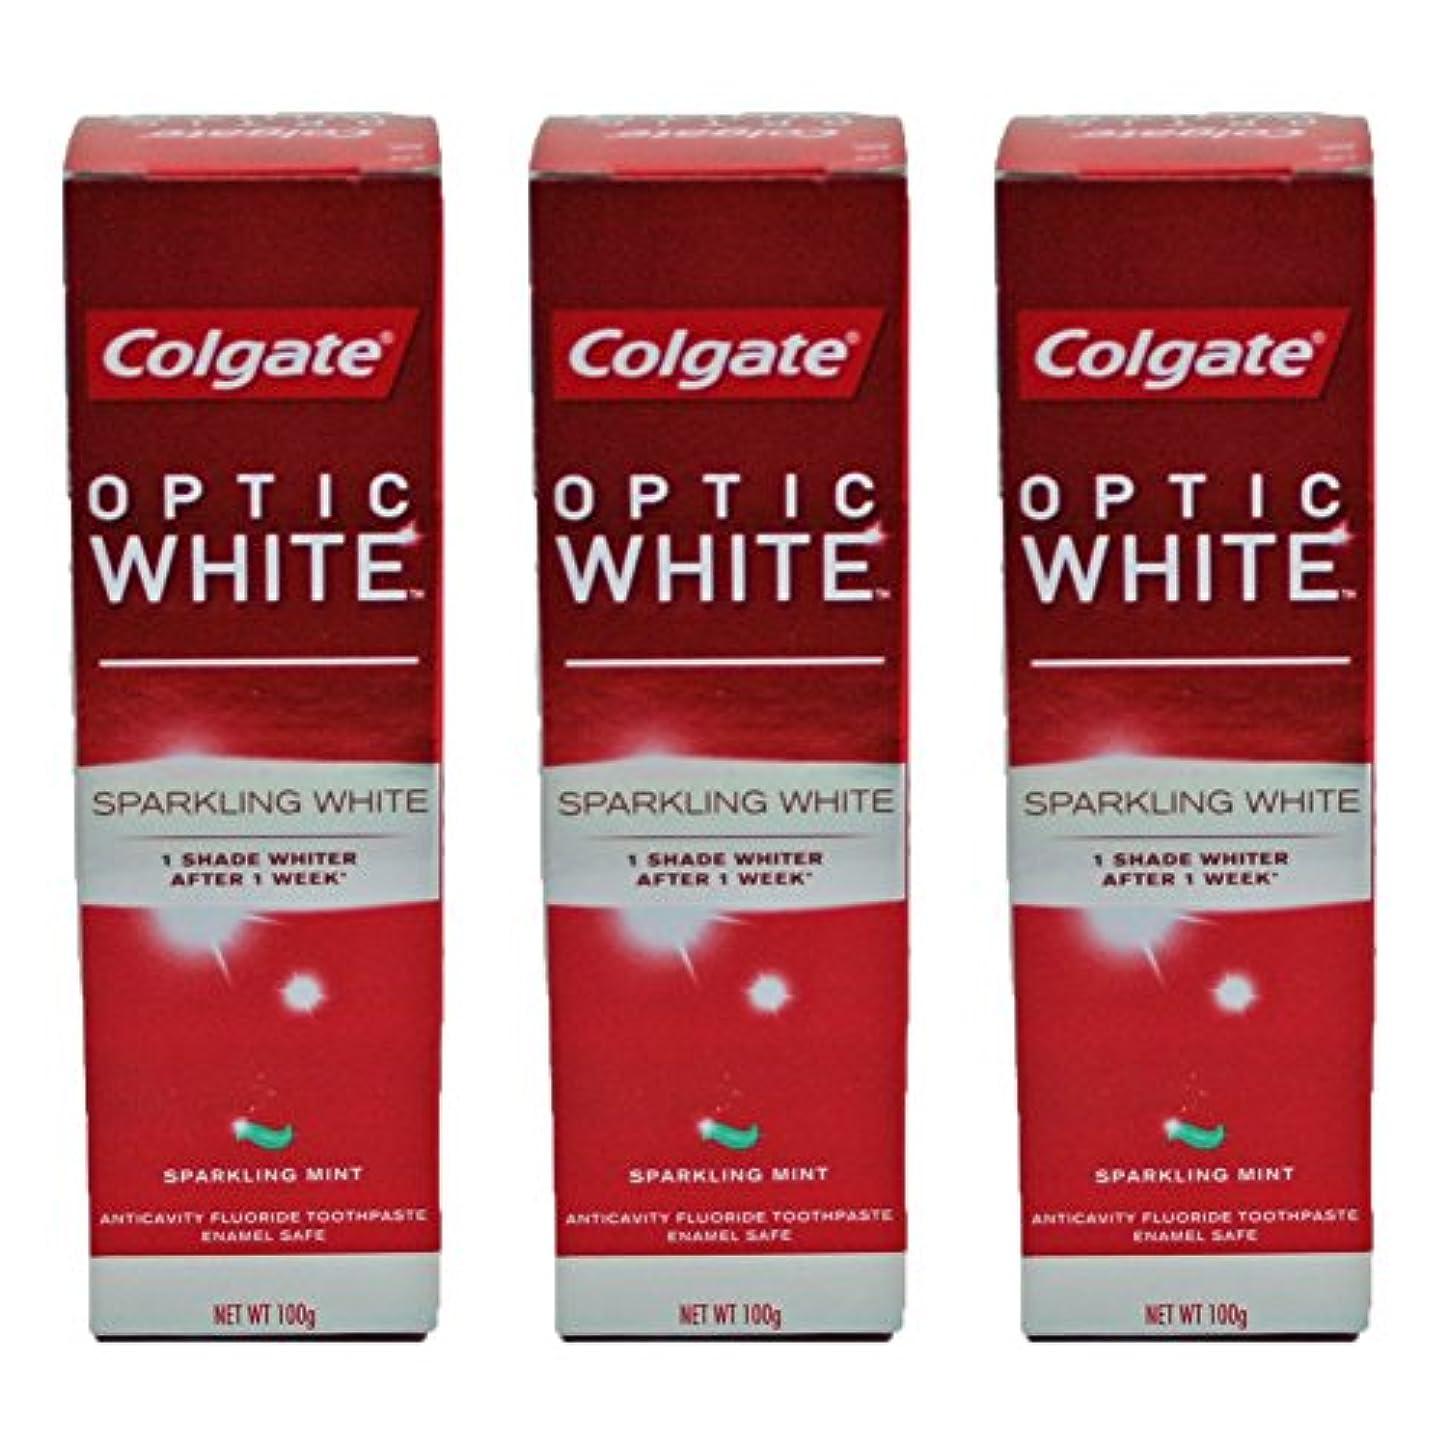 不安定な迫害リブコールゲート オプティック ホワイト スパークリングシャイン 100g 3個セット [並行輸入品]